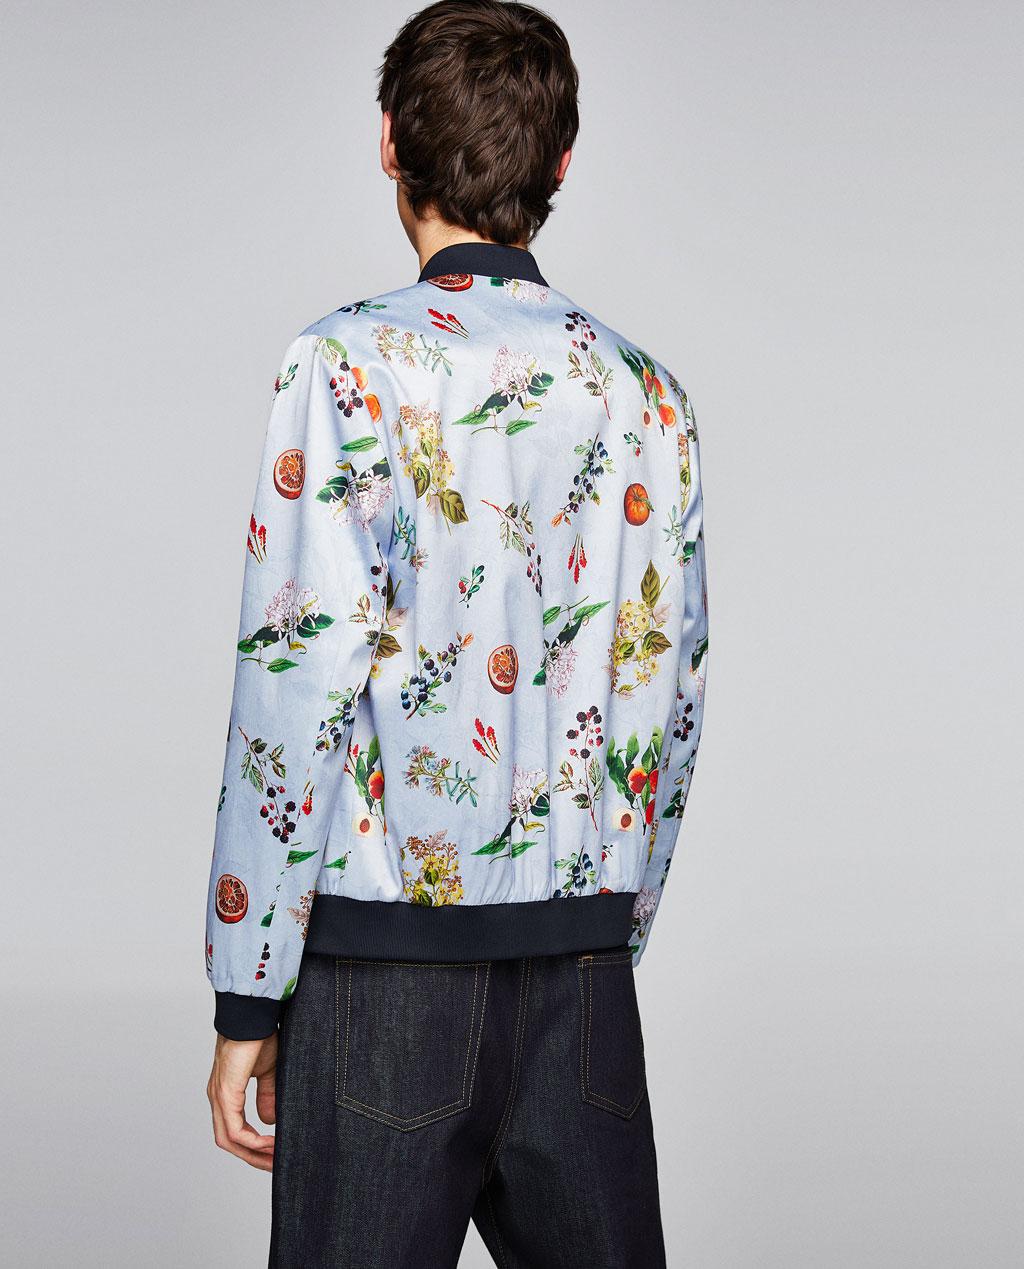 Thời trang nam Zara  24140 - ảnh 5